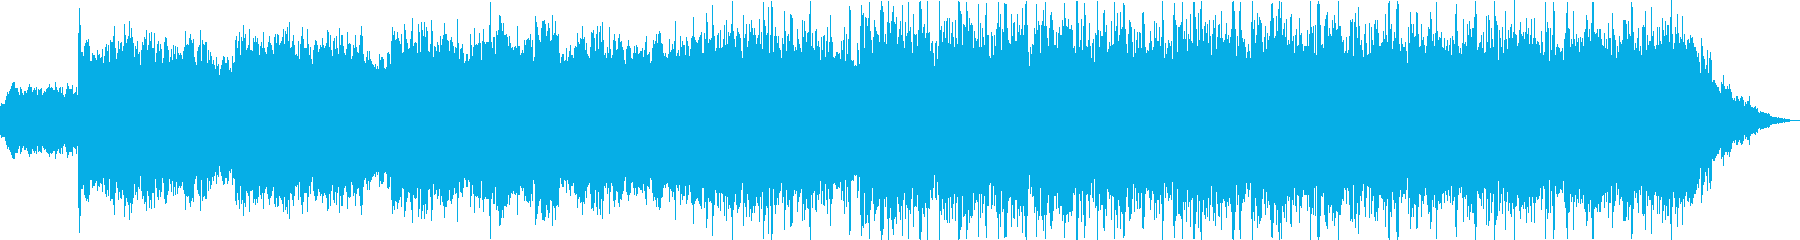 超常現象ミステリー音楽の再生済みの波形